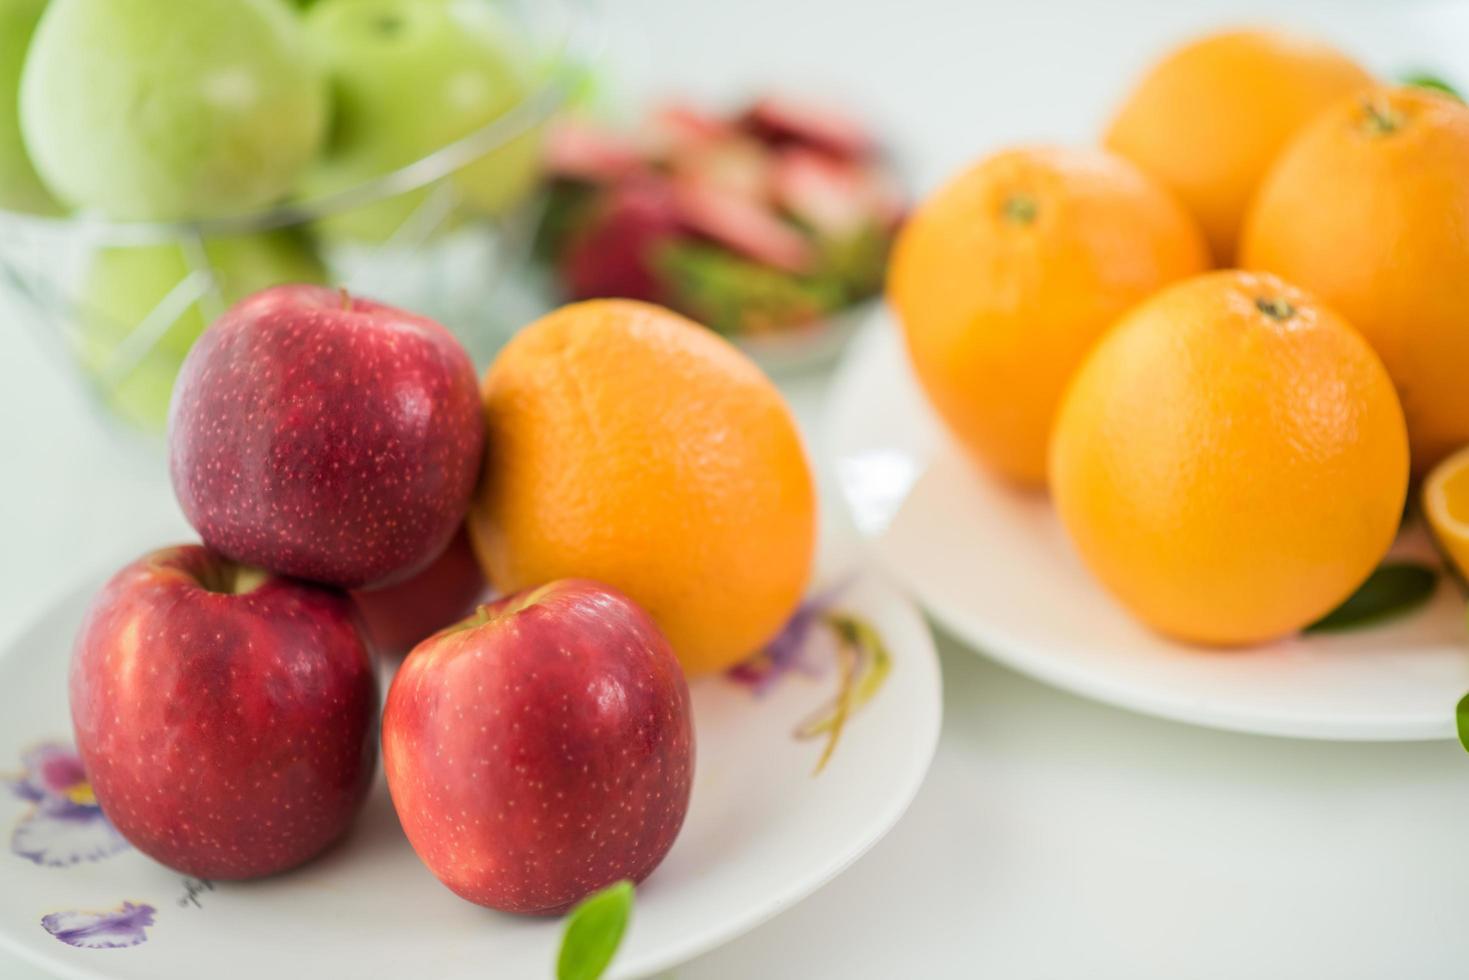 een verscheidenheid aan vers fruit foto